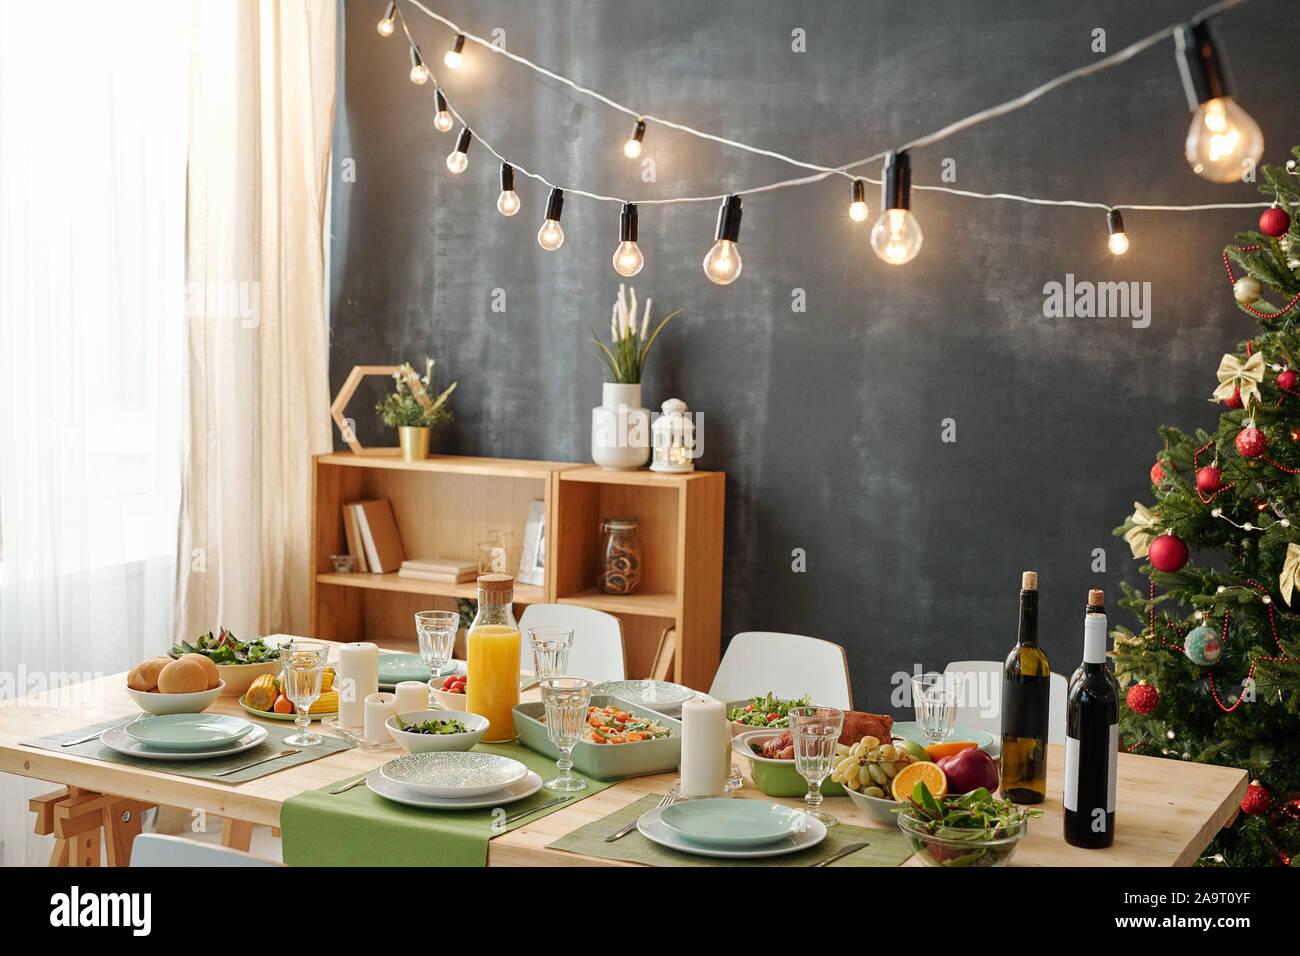 Table de fête servi pour fête de Noël avec les lampes suspendues sur meal Banque D'Images